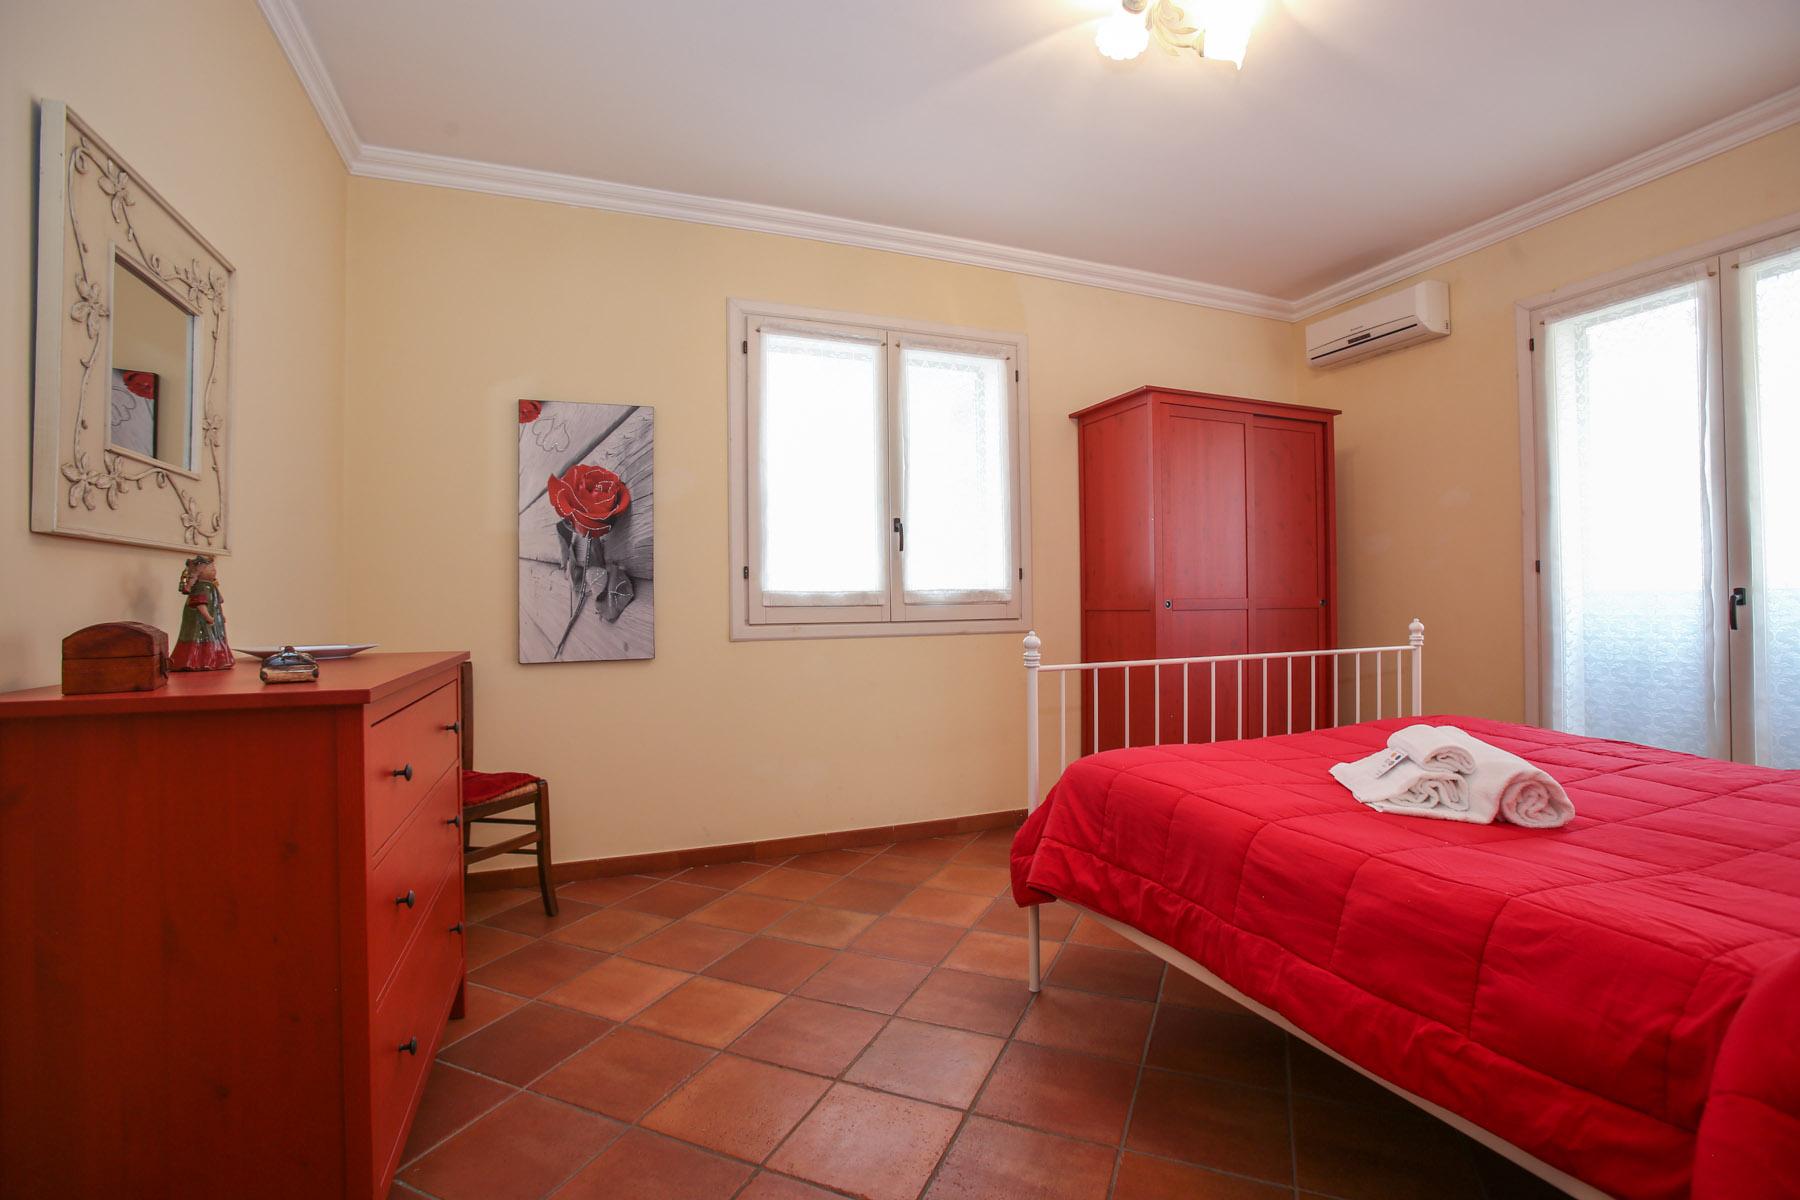 Casa affitto pozzallo e case vacanze in residence a pozzallo for Case arredate in affitto a ragusa